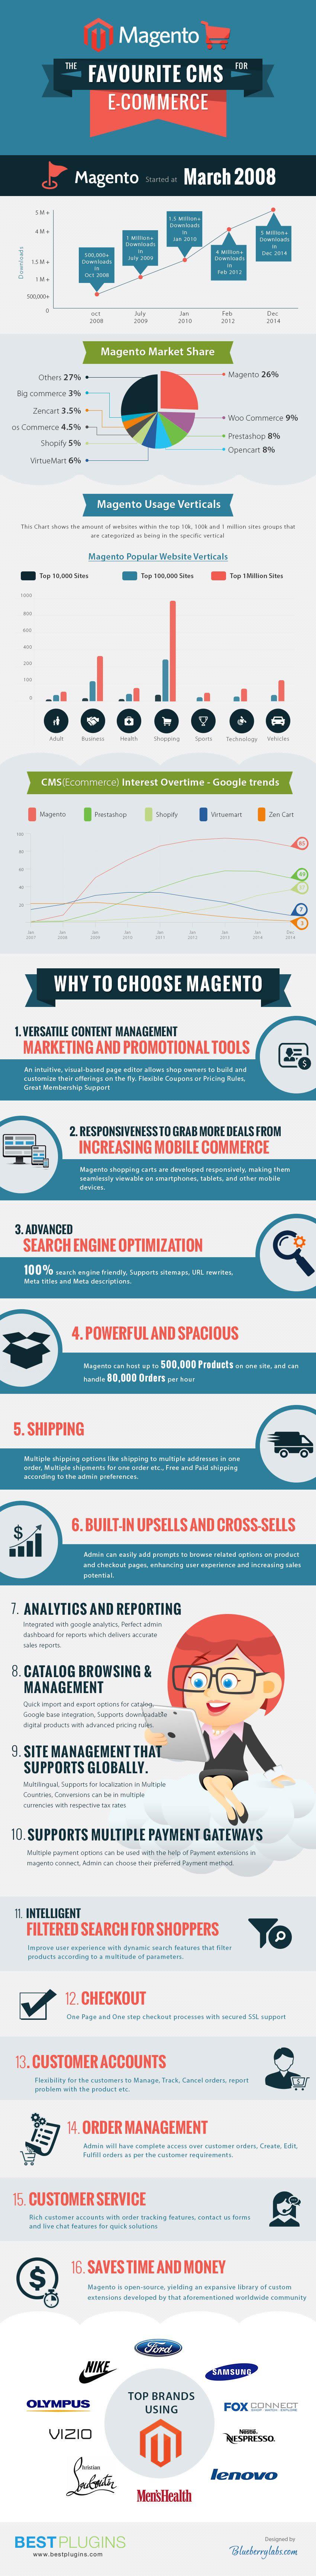 Magento Ehandel Infografikk